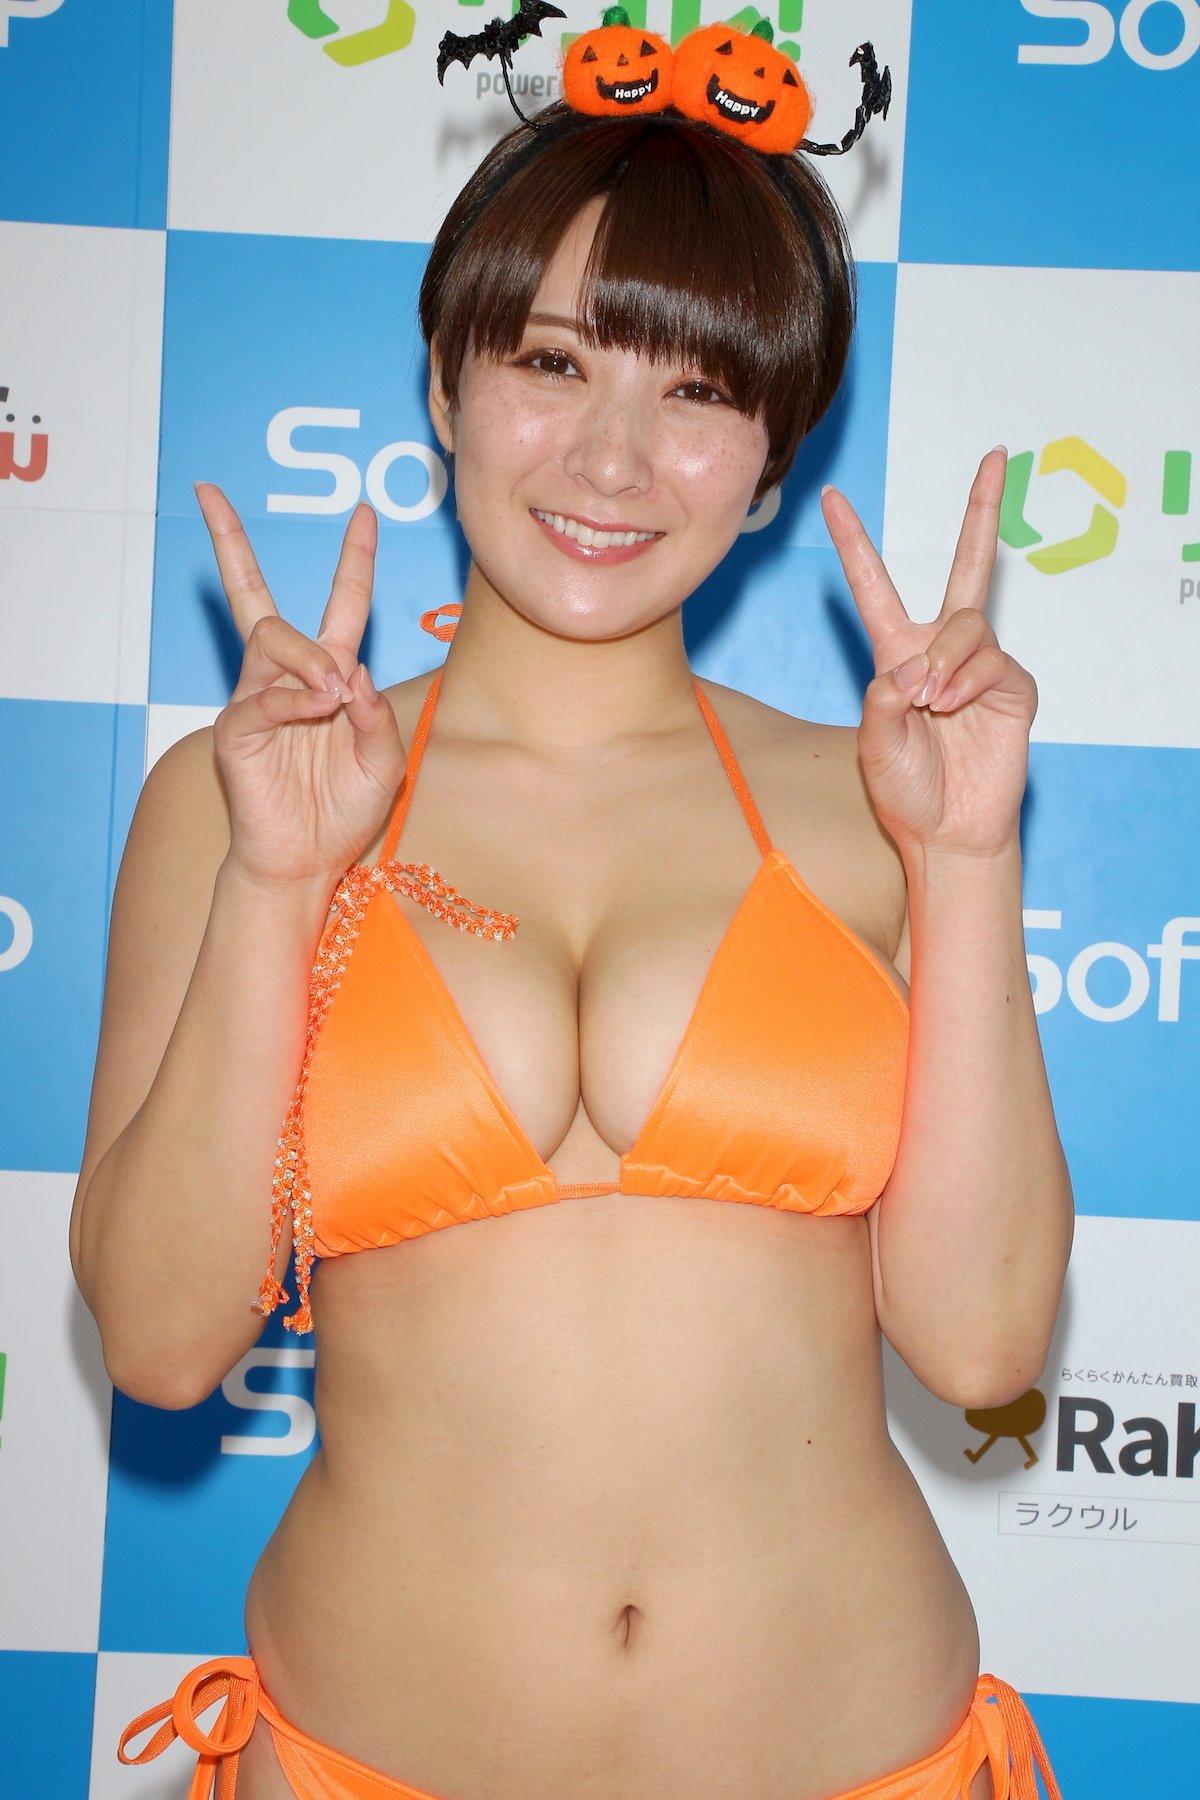 紺野栞「SM嬢に初挑戦」ムチを覚えて感動しました【画像49枚】の画像026